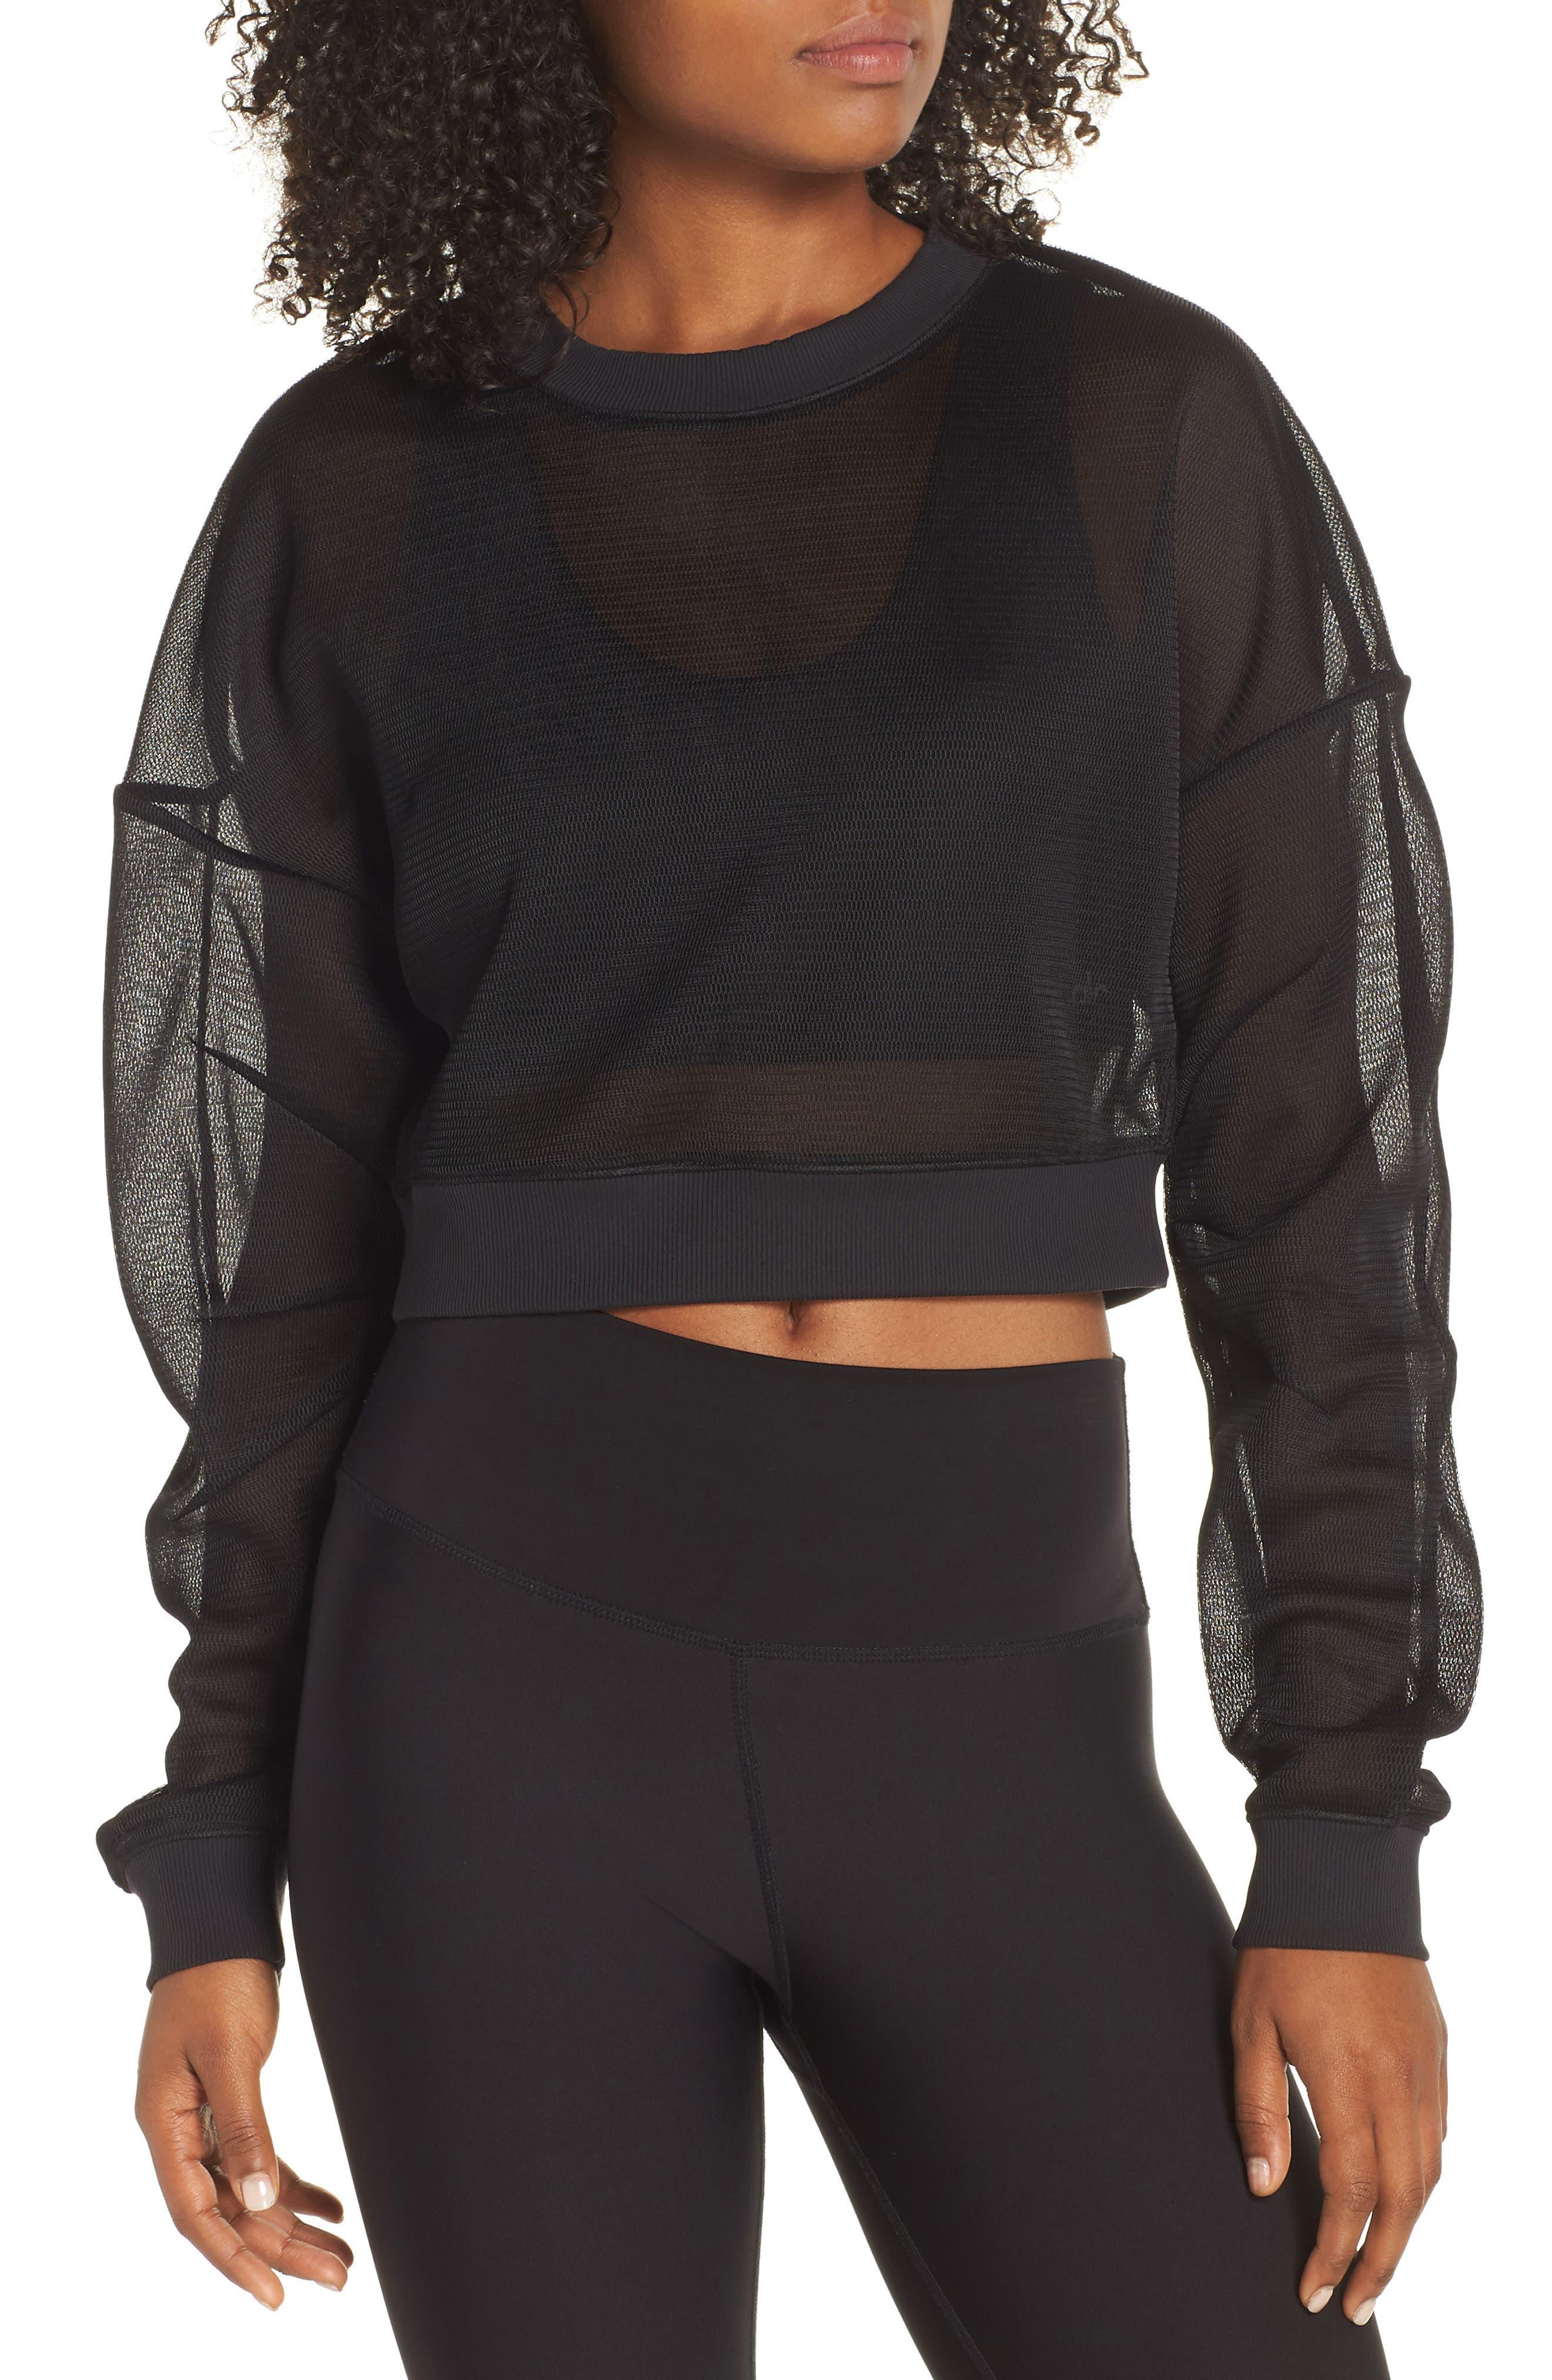 ALO, Row Long Sleeve Sweatshirt, Main thumbnail 1, color, BLACK